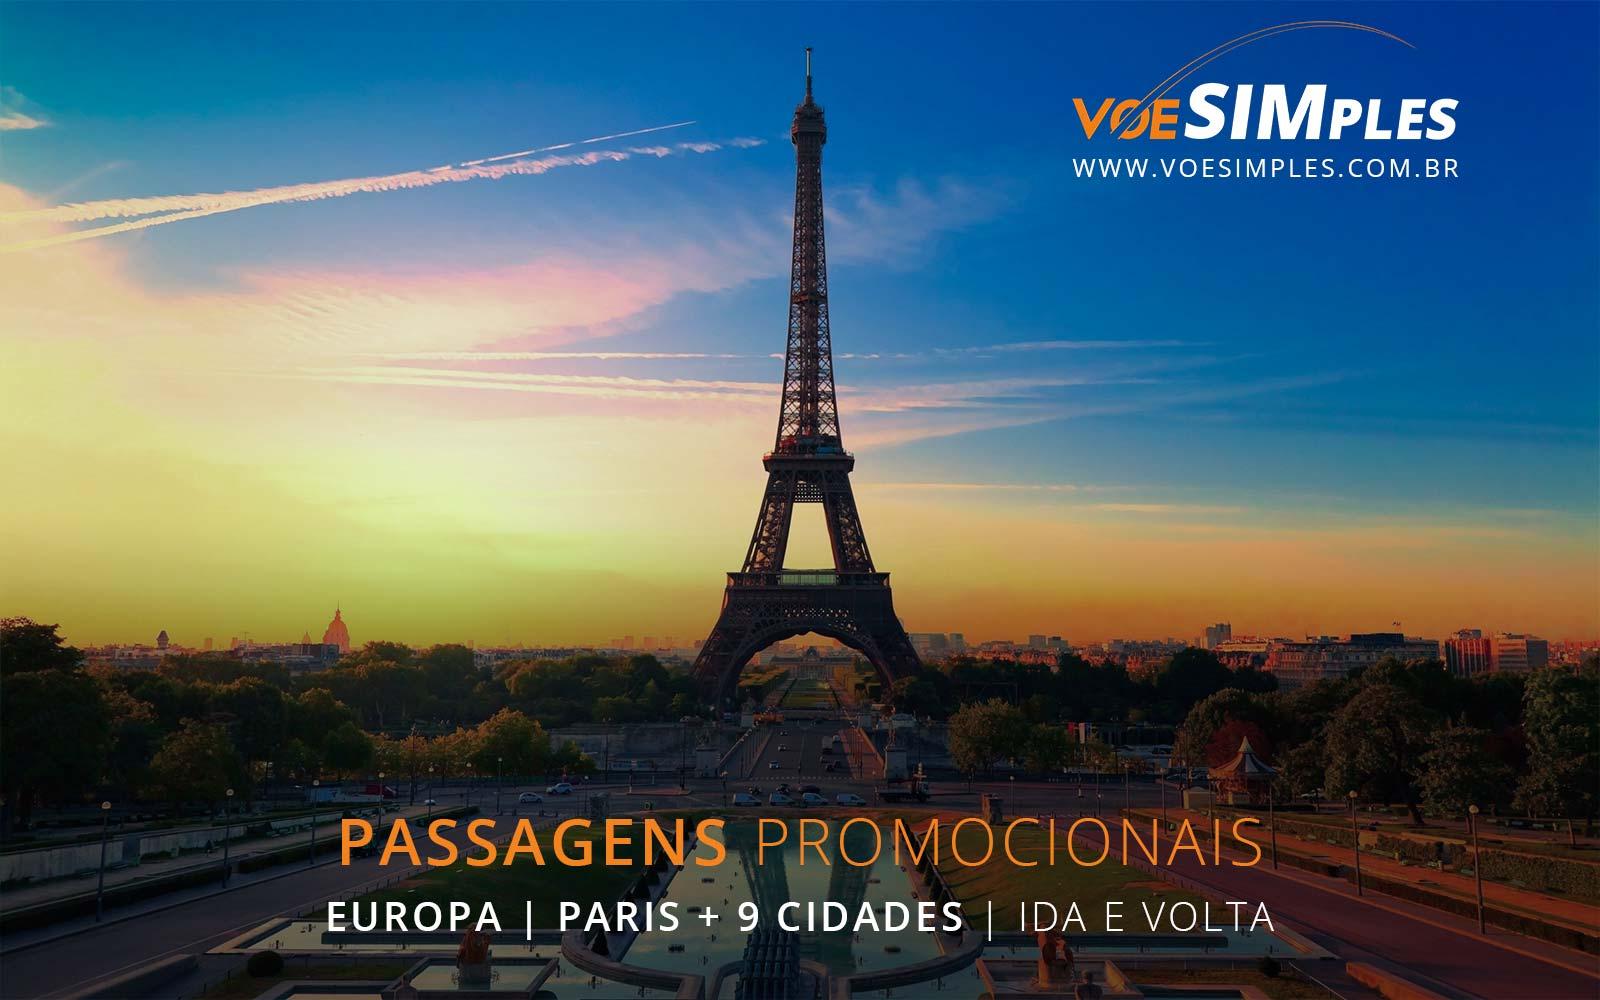 Passagens aéreas promocionais para o Natal e Reveillon na Europa.